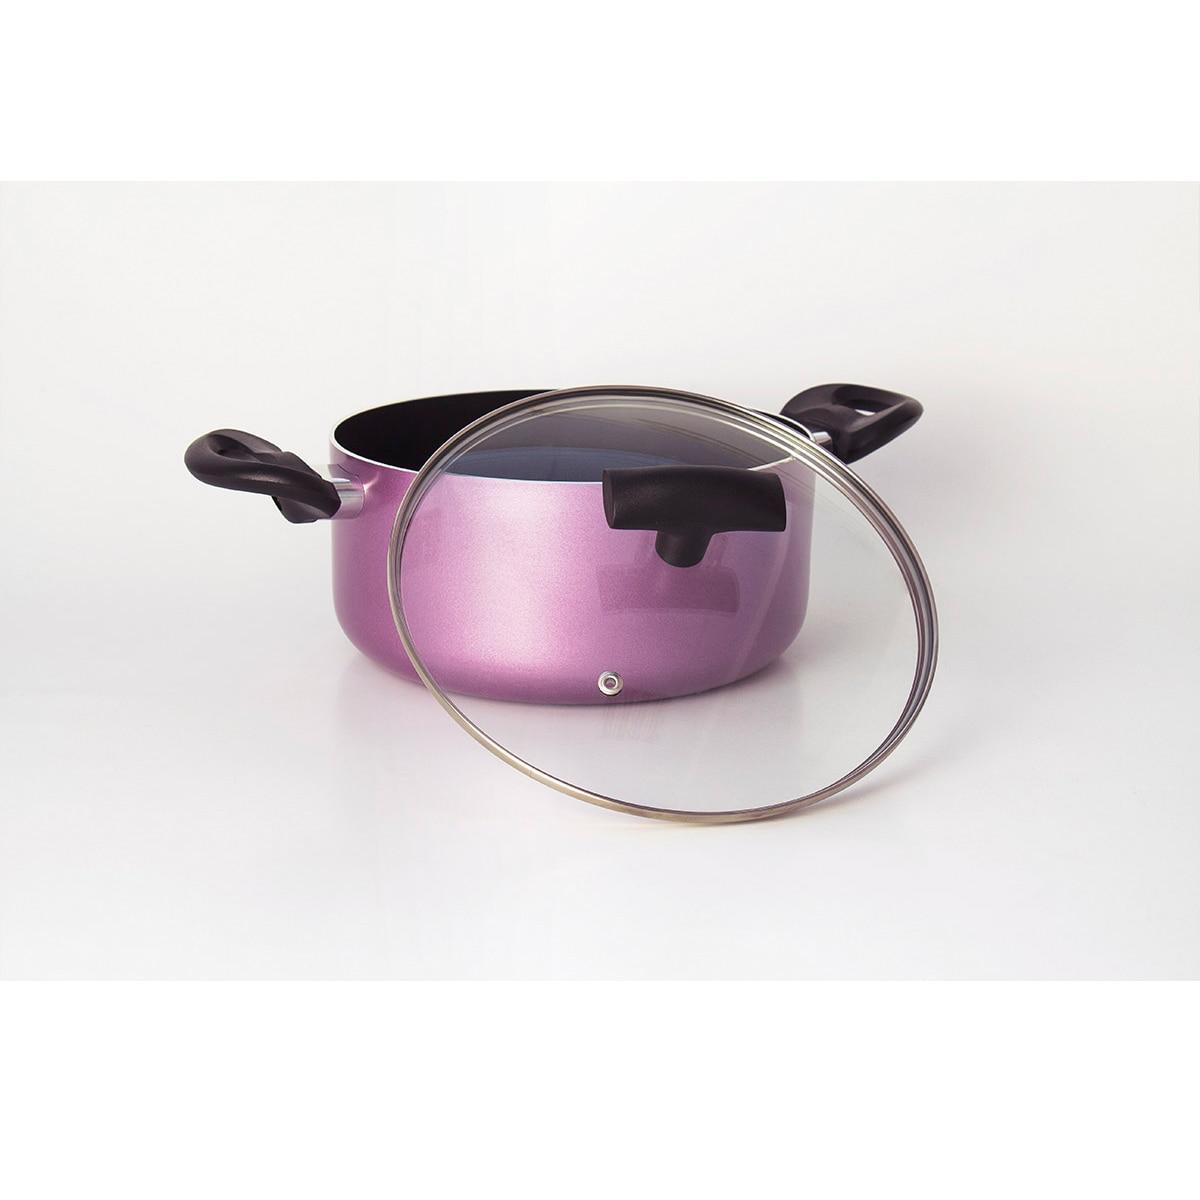 Набор посуды Galaxy GL 9504(3 кастрюли- 3 л, 4 л и 5 л с крышками, внешнее антипригарное покрытие, внутреннее японское керамическое покрытие Silkware